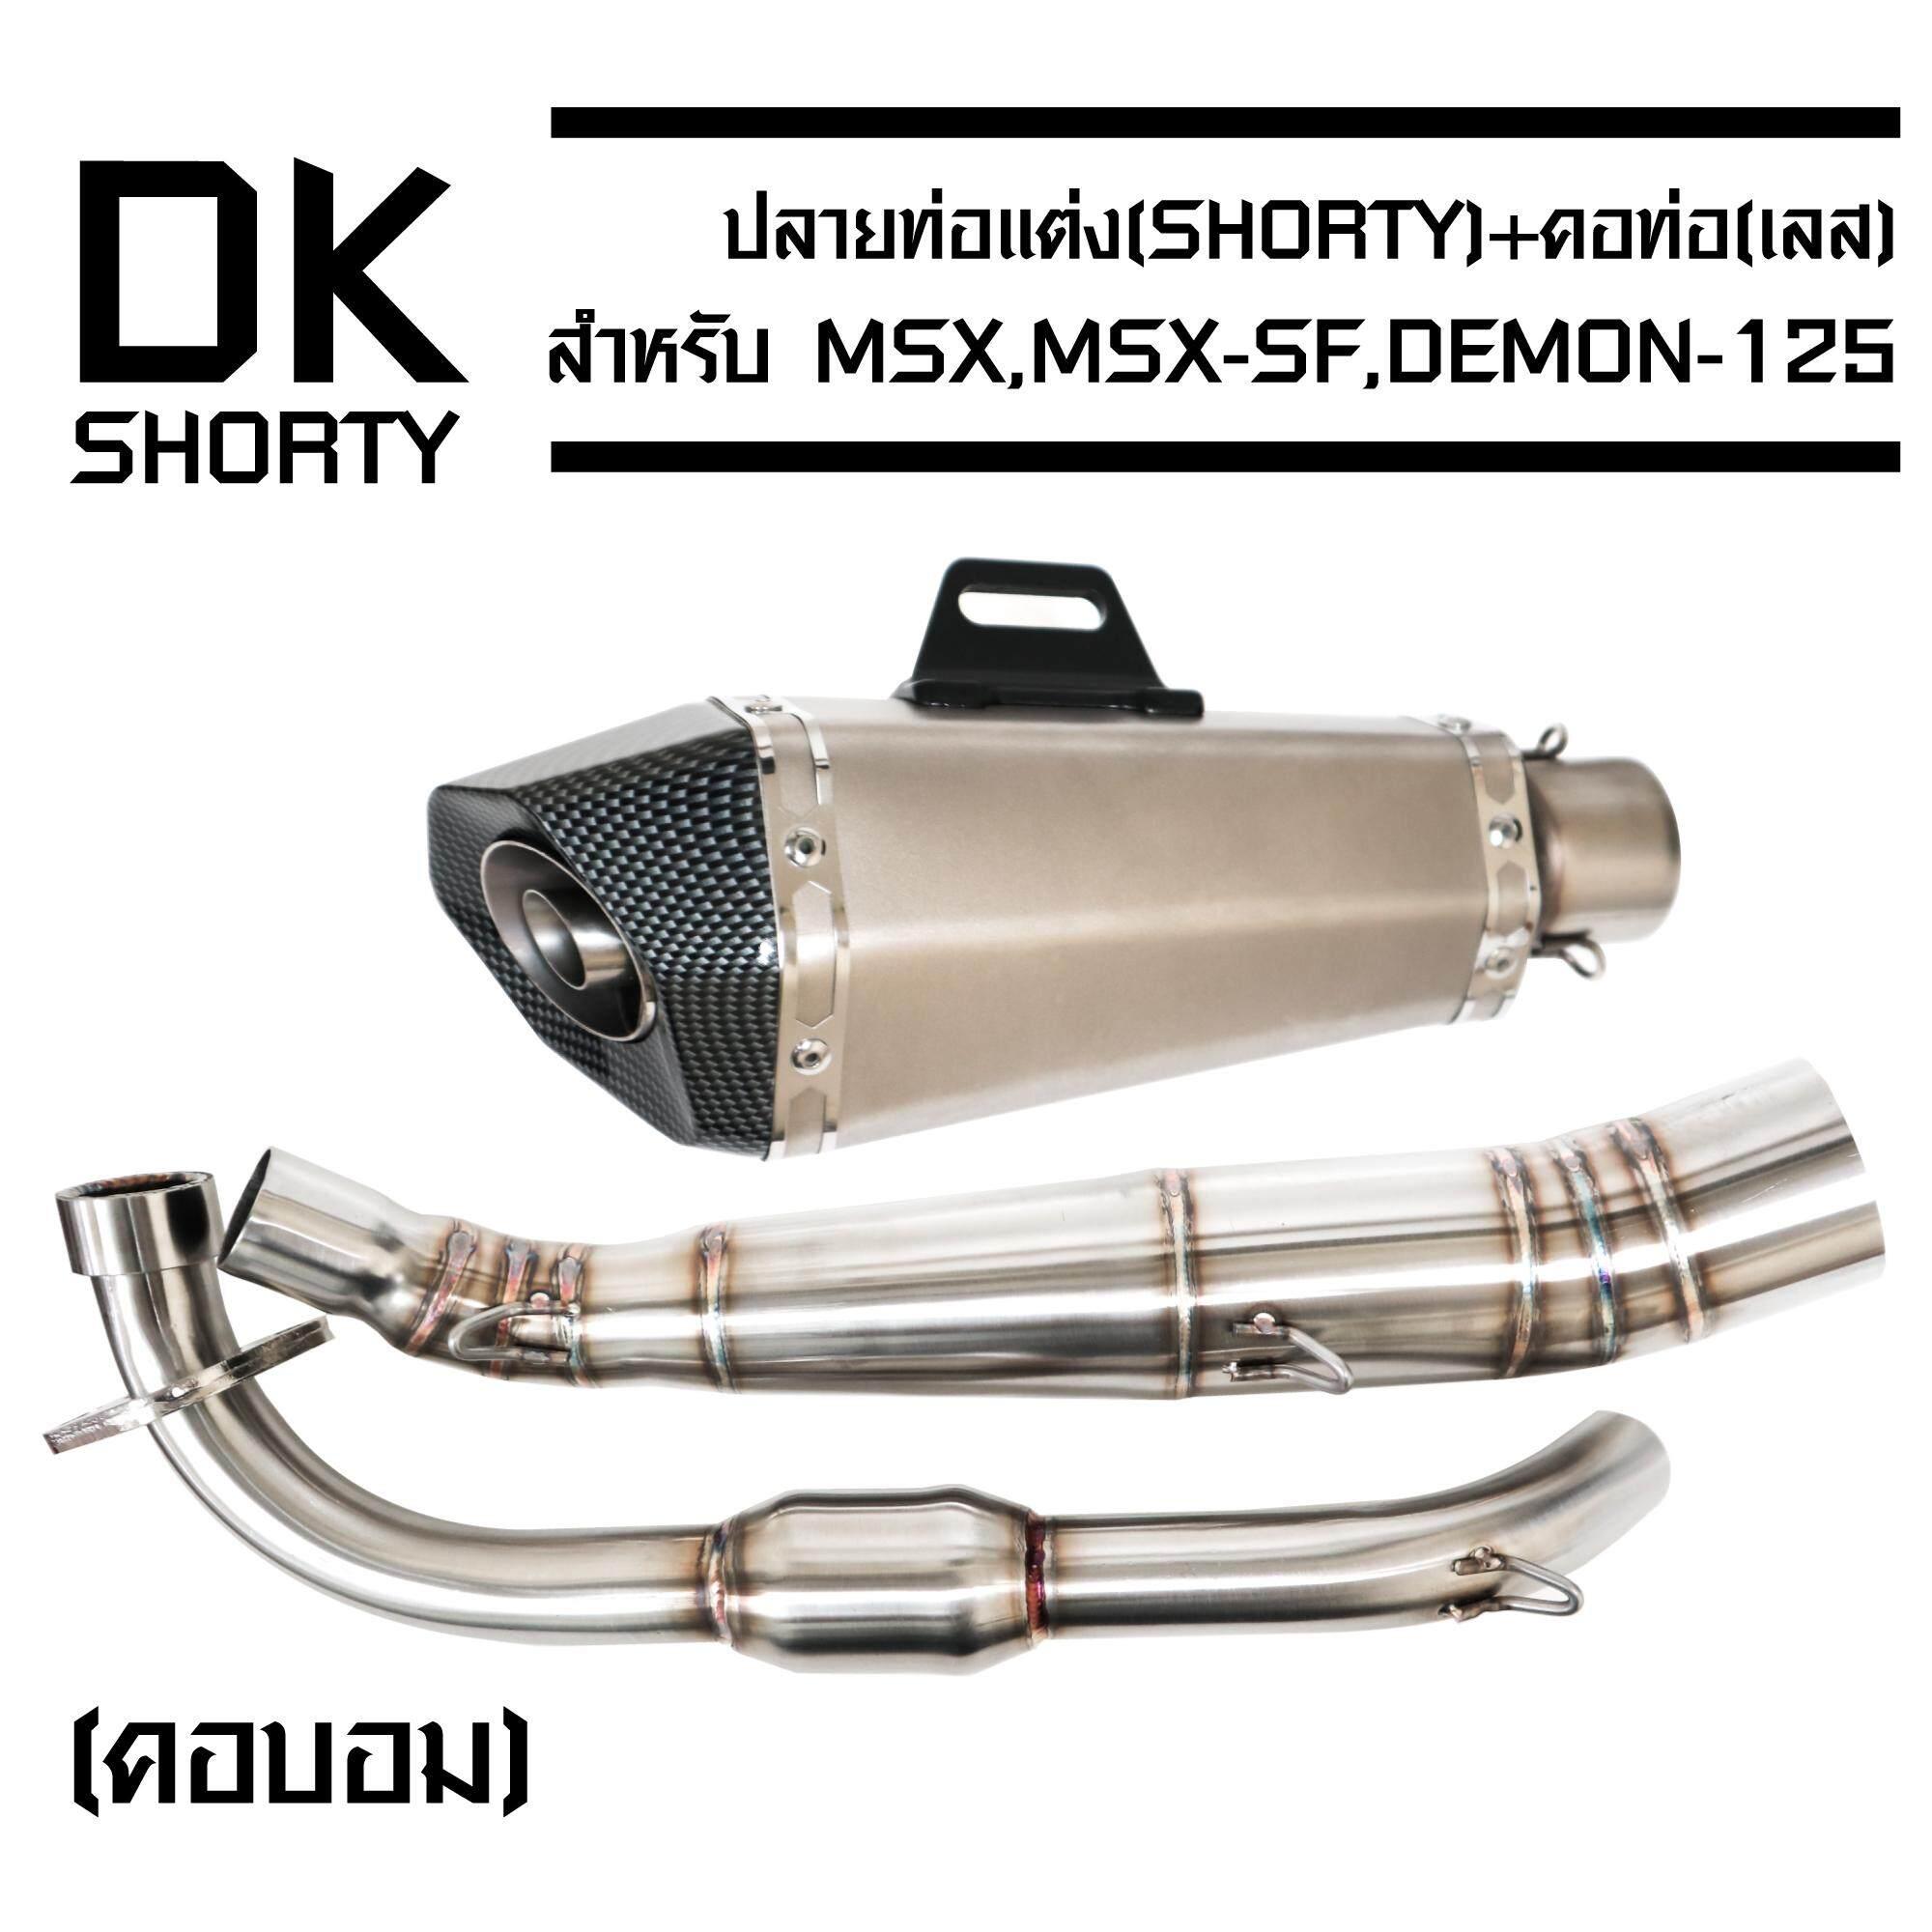 (คุ้มที่สุด/ถูกที่สุด) ปลายท่อแต่ง Shorty (ไทเท+ปากเคฟล่า) + คอท่อฟลู (เลสแท้อย่างดี) สำหรับ Msx,msx-Sf,demon-125 (คอบอม).